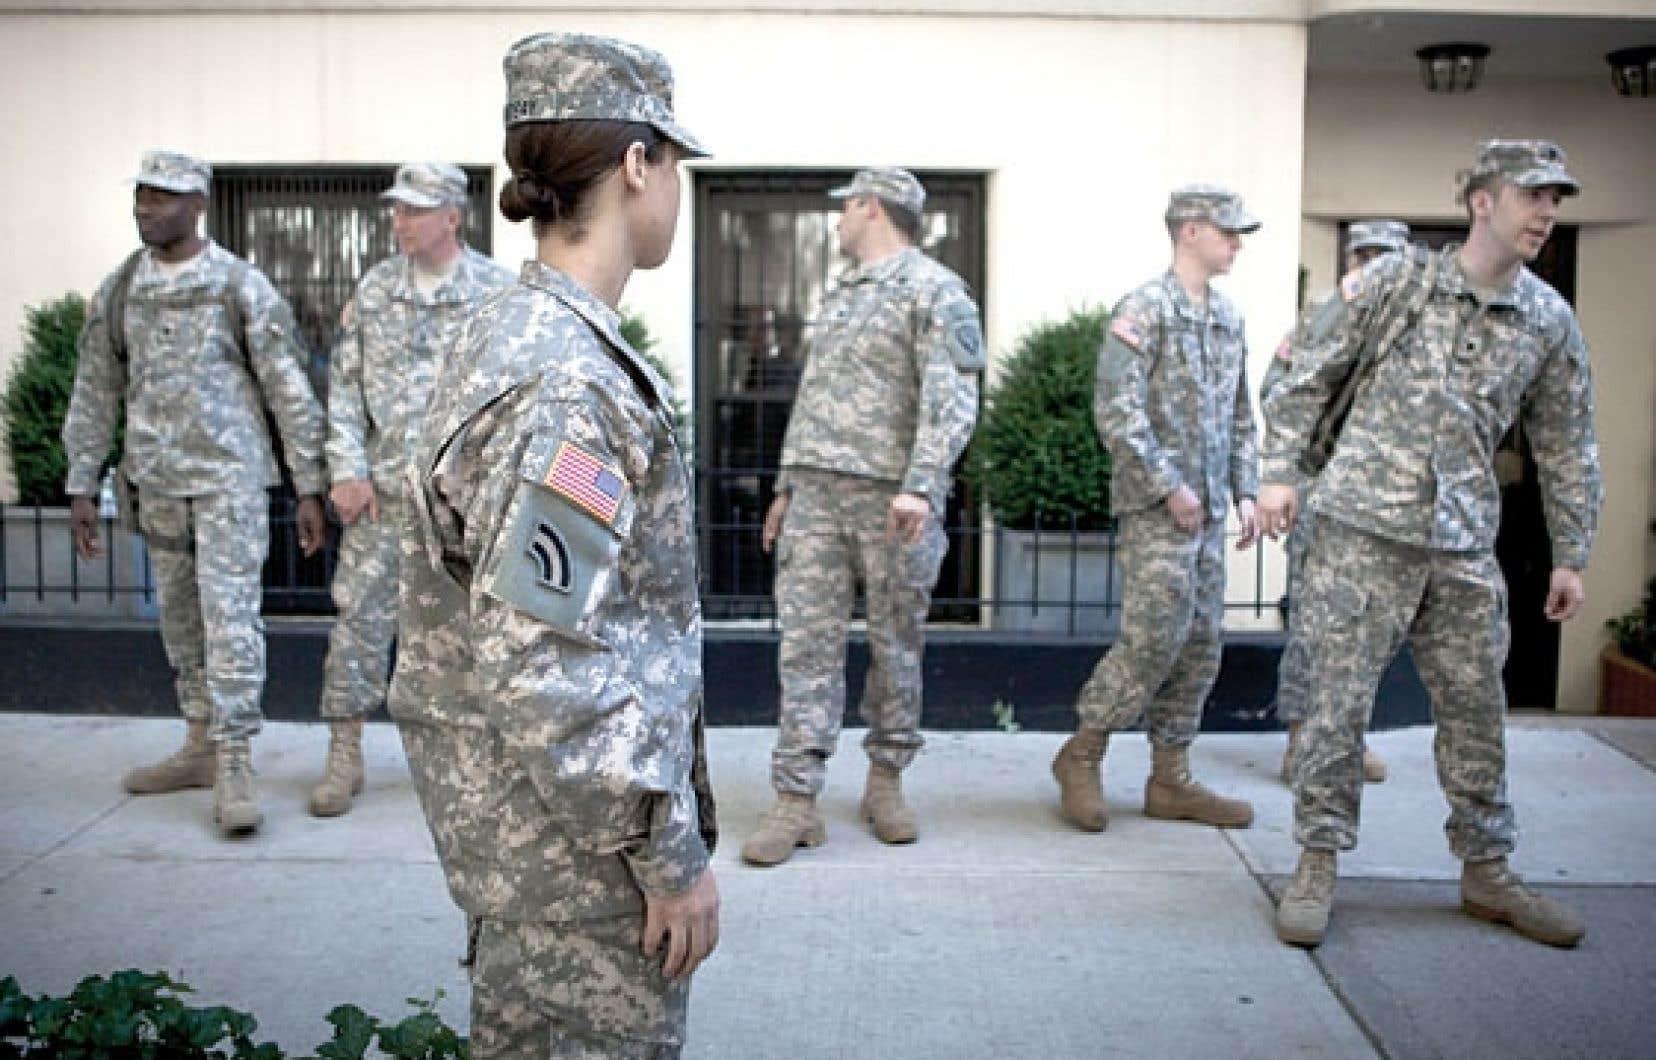 Il y aurait eu 3374 cas d'agressions sexuelles dans l'armée en 2012, un chiffre certainement sous-estimé, selon certains.